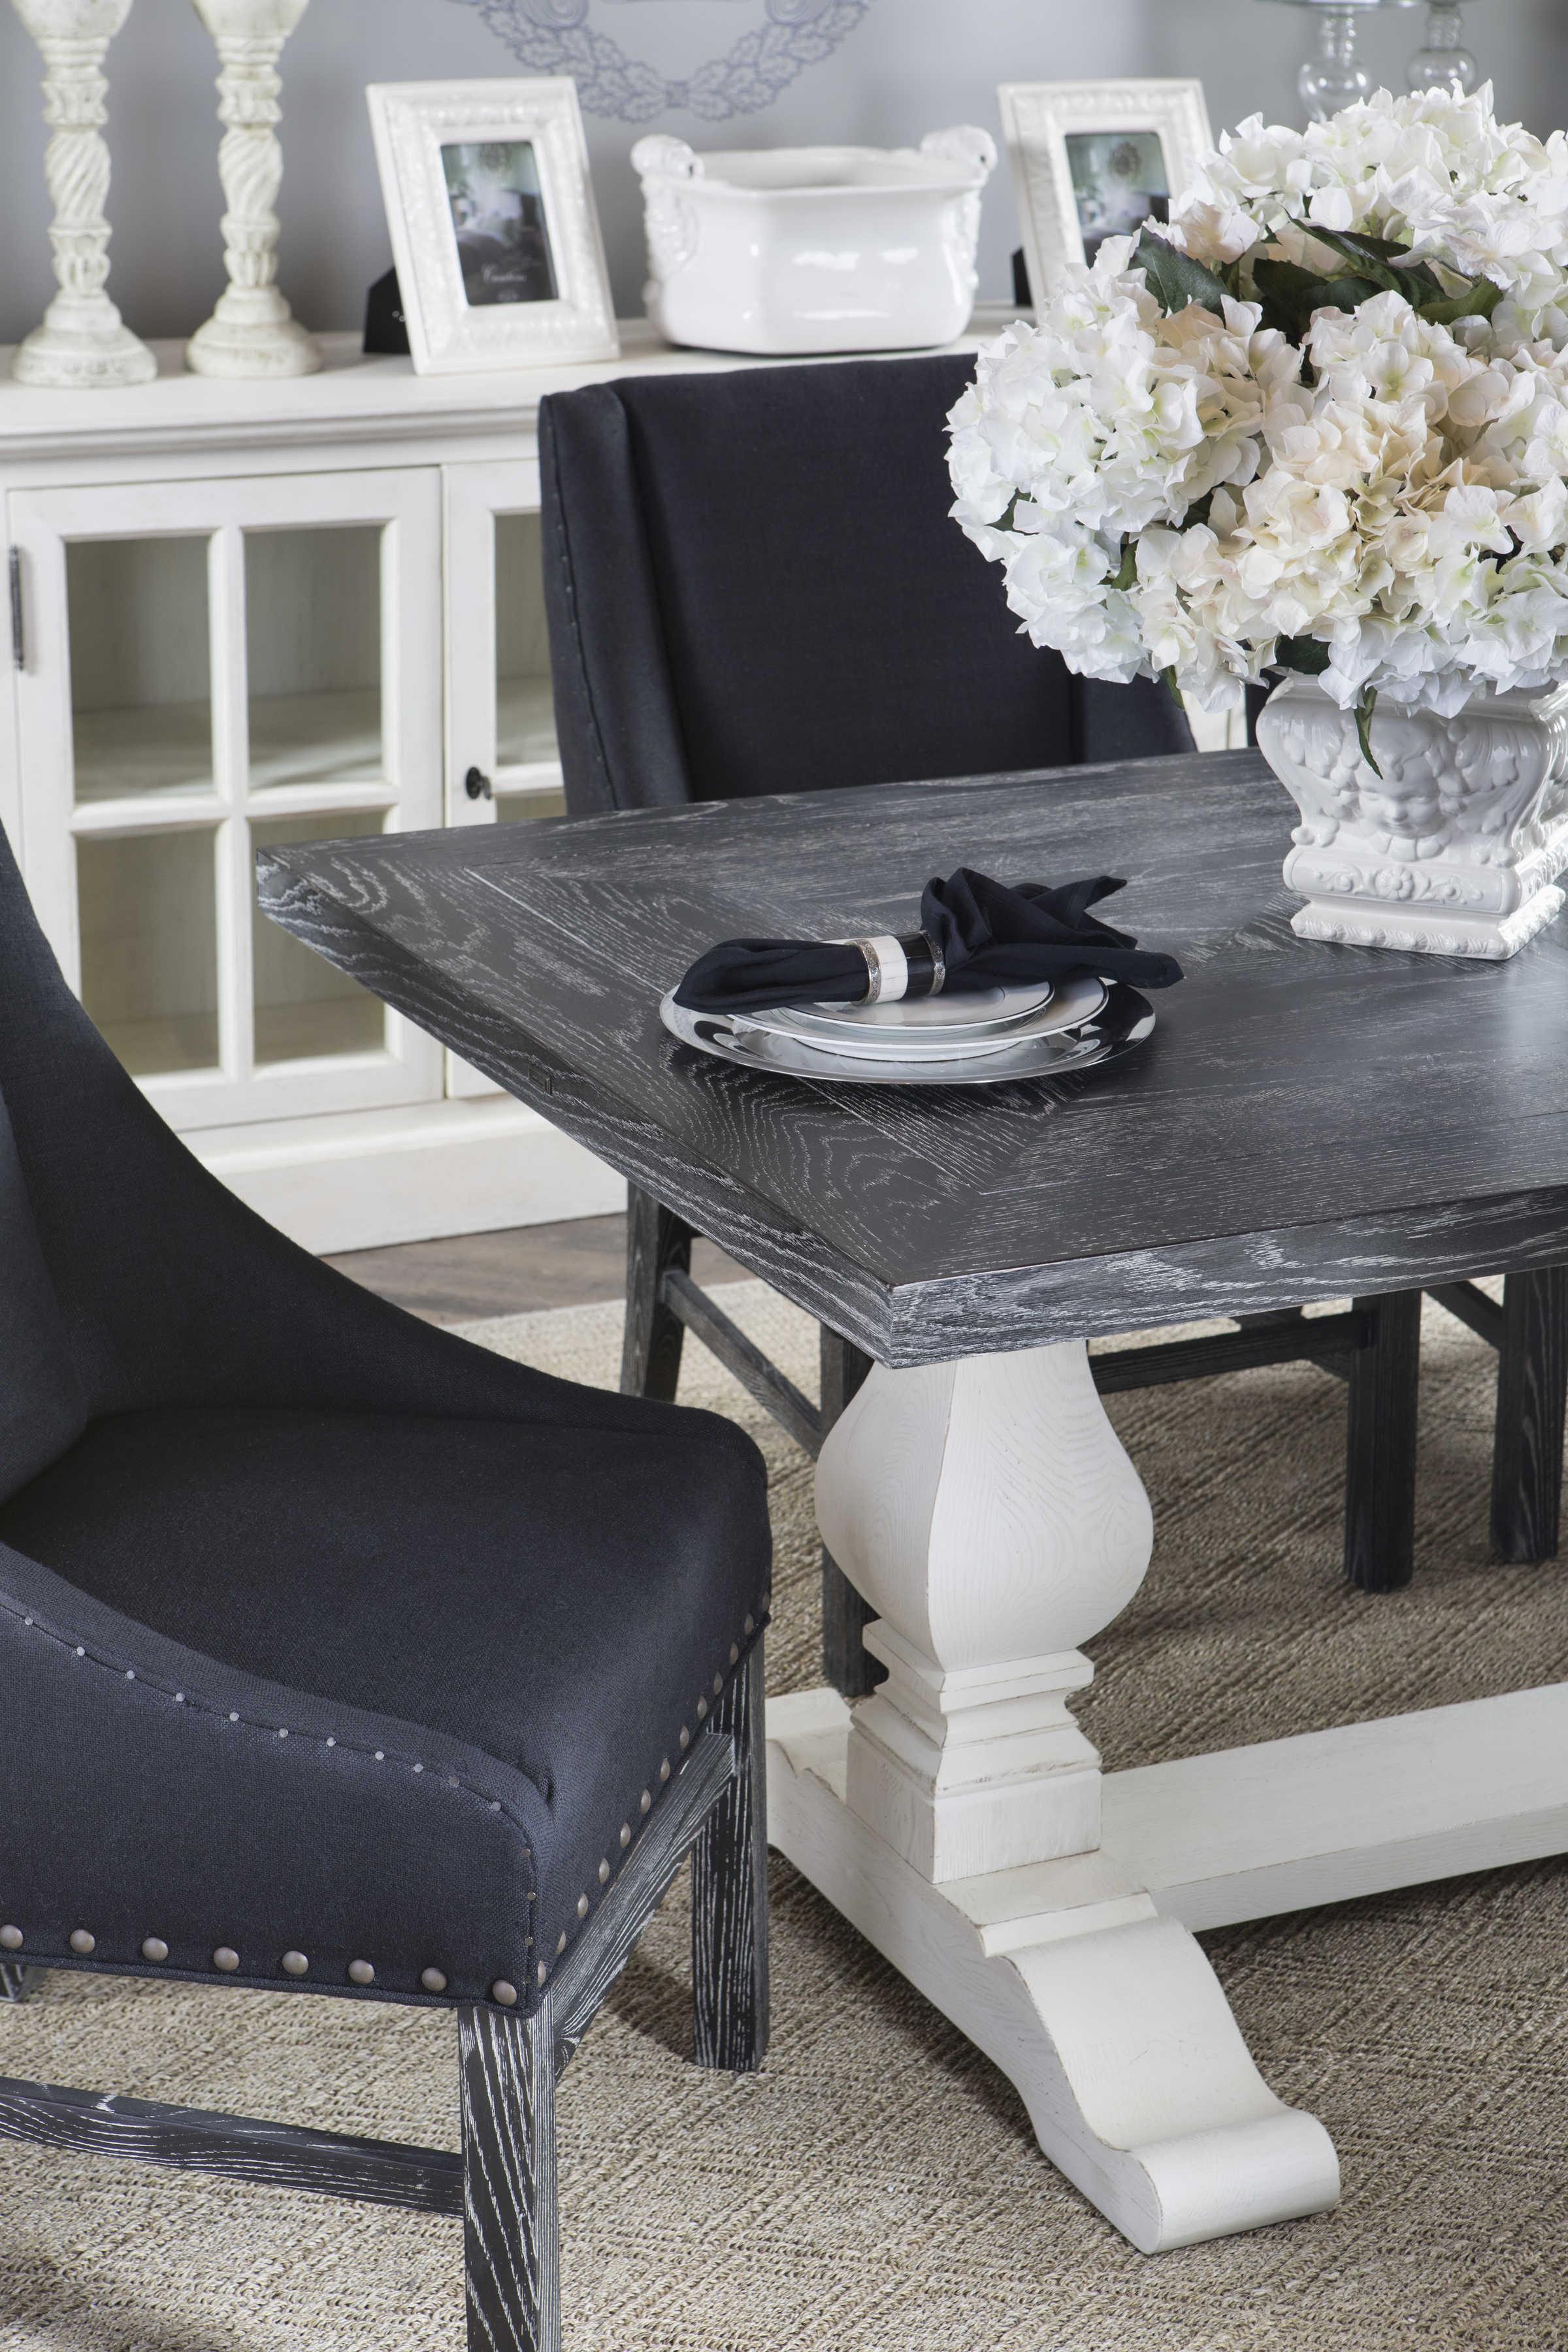 ... Table · Curations Limited Trestle New Vintage Black U0026 White Oak 84u0027u0027 ...